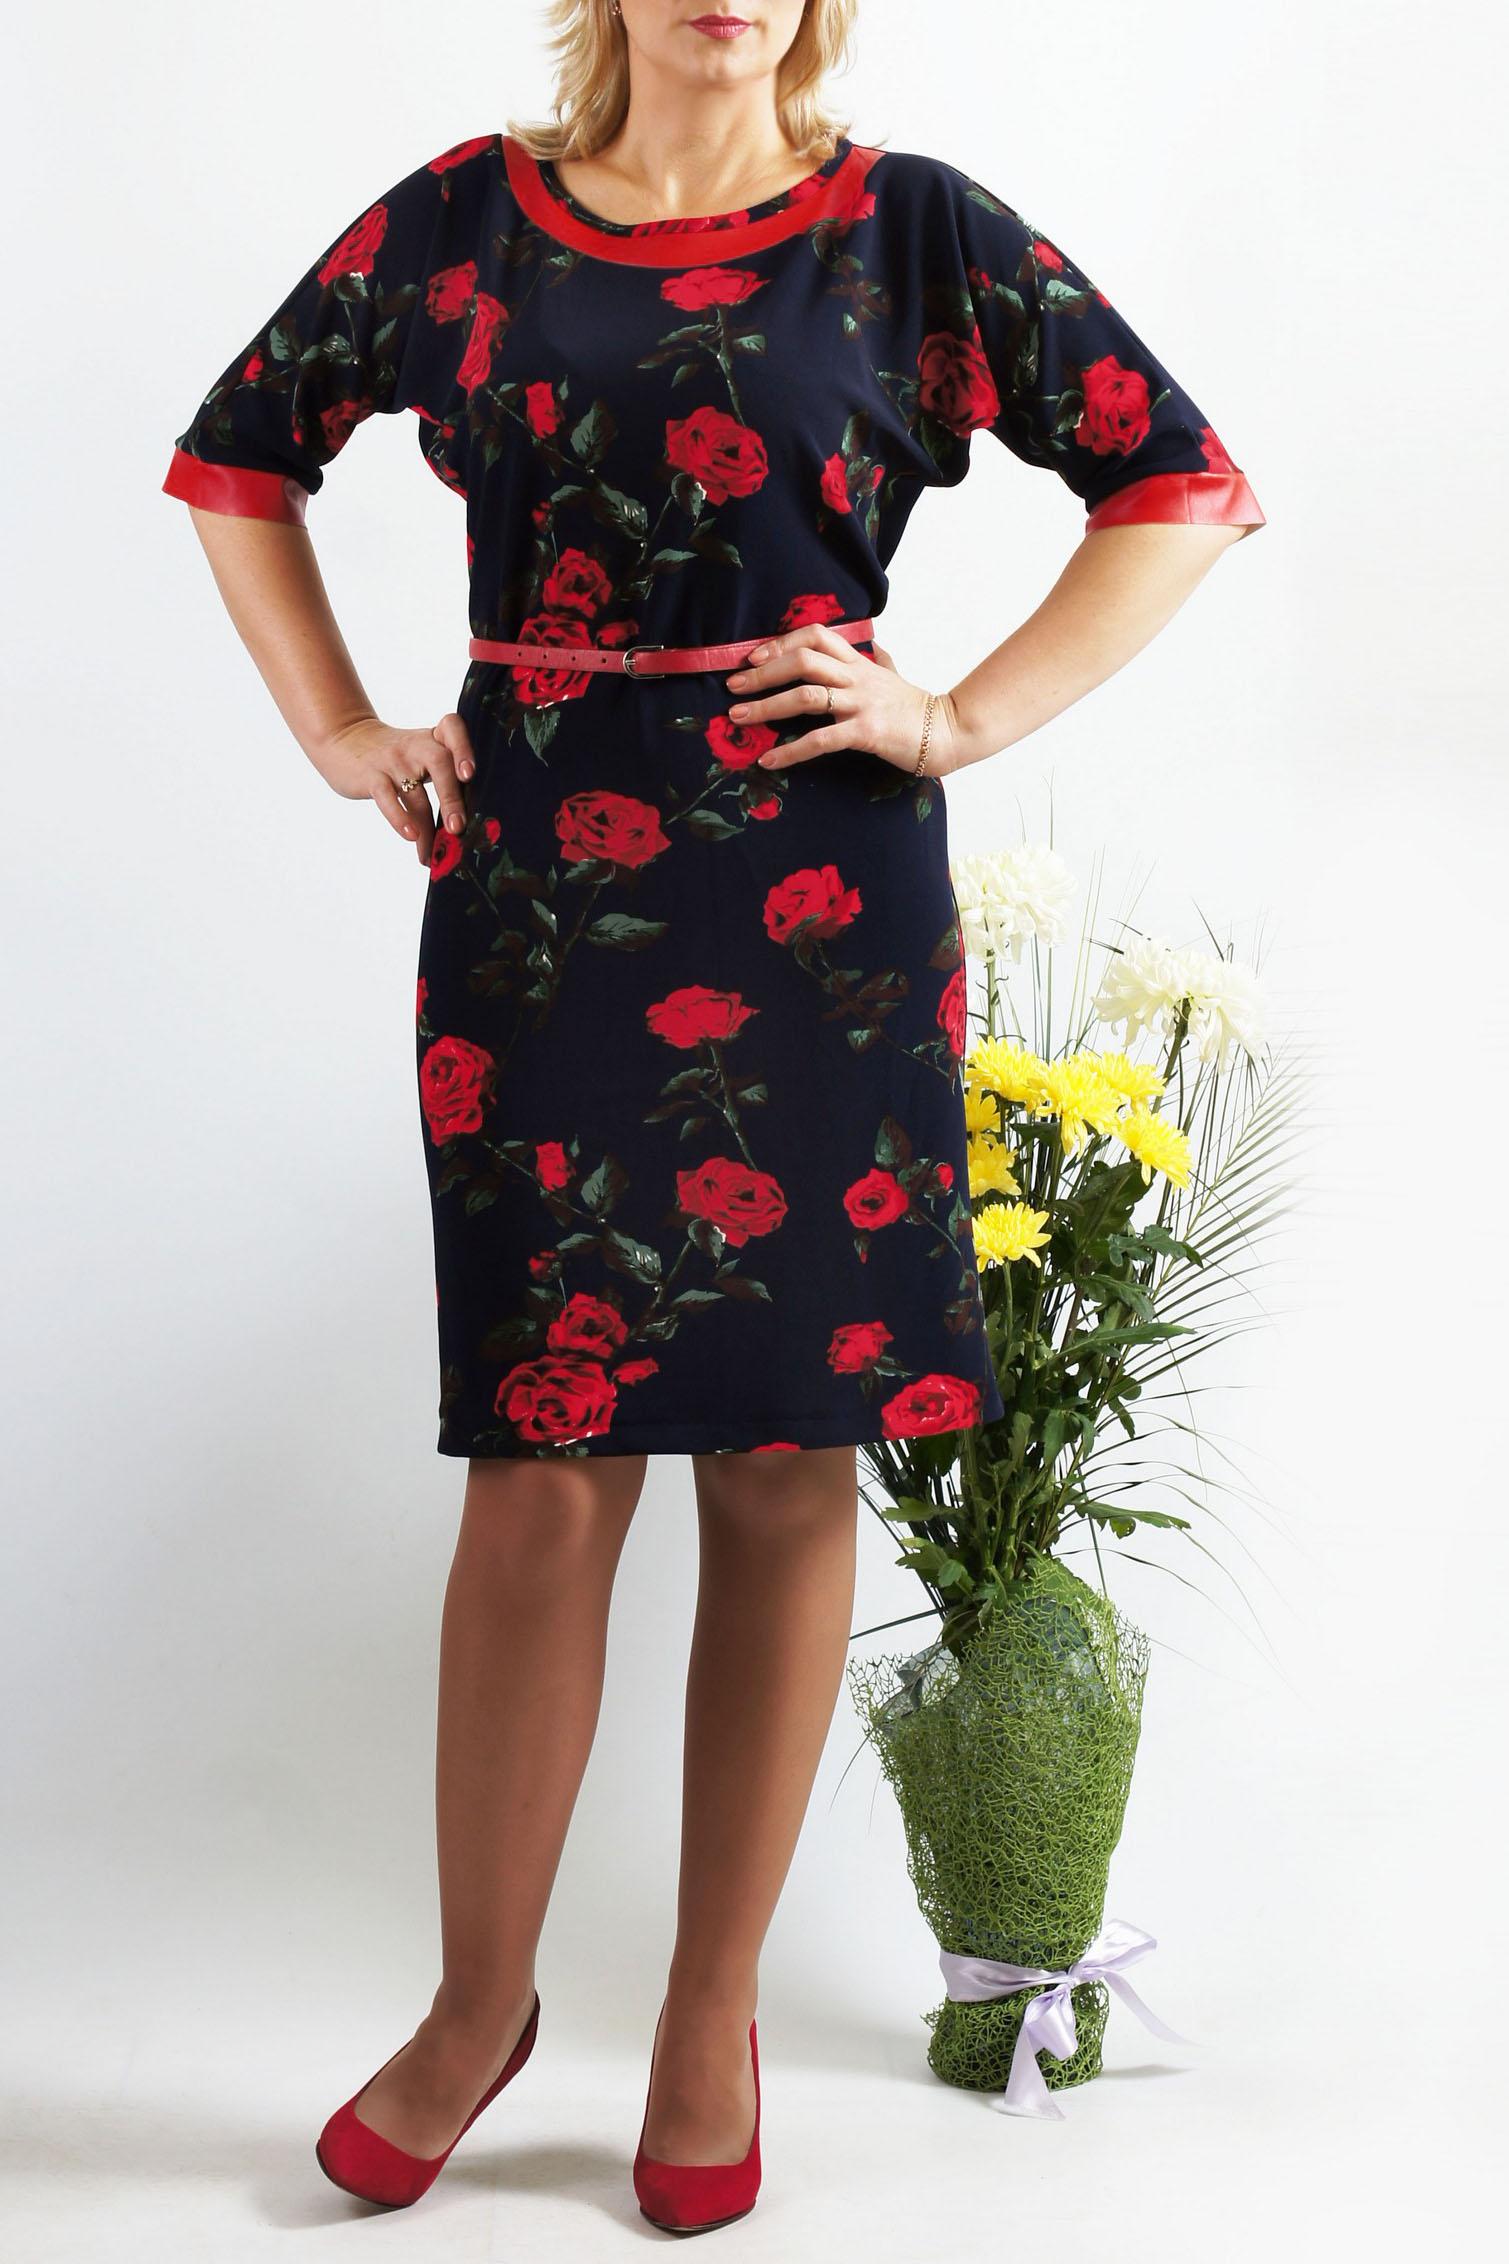 ПлатьеПлатья<br>Незаменимая вещь в Вашем гардеробе - супер комфортное платье из приятного трикотажа. Платье прямого силуэта с цельнокроеными рукавами. Рукава длиной до локтя, обработаны манжетой. Горловина расширенная, округлая, по переду обработана двойной кокеткой. Платье без пояса.  Длина около 93-96 см. в зависимости от размера  В изделии использованы цвета: темно-синий, красный, зеленый и др.  Параметры размеров: 42 размер - обхват груди 84 см., обхват талии 64 см., обхват бедер 92 см. 44 размер - обхват груди 88 см., обхват талии 68 см., обхват бедер 96 см. 46 размер - обхват груди 92 см., обхват талии 72 см., обхват бедер 100 см. 48 размер - обхват груди 96 см., обхват талии 76 см., обхват бедер 104 см. 50 размер - обхват груди 100 см., обхват талии 80 см., обхват бедер 108 см. 52 размер - обхват груди 104 см., обхват талии 85 см., обхват бедер 112 см. 54 размер - обхват груди 108 см., обхват талии 89 см., обхват бедер 116 см. 56 размер - обхват груди 112 см., обхват талии 94 см., обхват бедер 120 см. 58 размер - обхват груди 116 см., обхват талии 100 см., обхват бедер 124 см.  Ростовка изделия 167-173 см.<br><br>Горловина: С- горловина<br>По длине: До колена<br>По материалу: Вискоза,Трикотаж<br>По рисунку: Растительные мотивы,С принтом,Цветные,Цветочные<br>По силуэту: Полуприталенные<br>По стилю: Повседневный стиль<br>По форме: Платье - футляр<br>По элементам: С разрезом<br>Разрез: Короткий<br>Рукав: До локтя<br>По сезону: Осень,Весна,Зима<br>Размер : 54<br>Материал: Трикотаж<br>Количество в наличии: 1